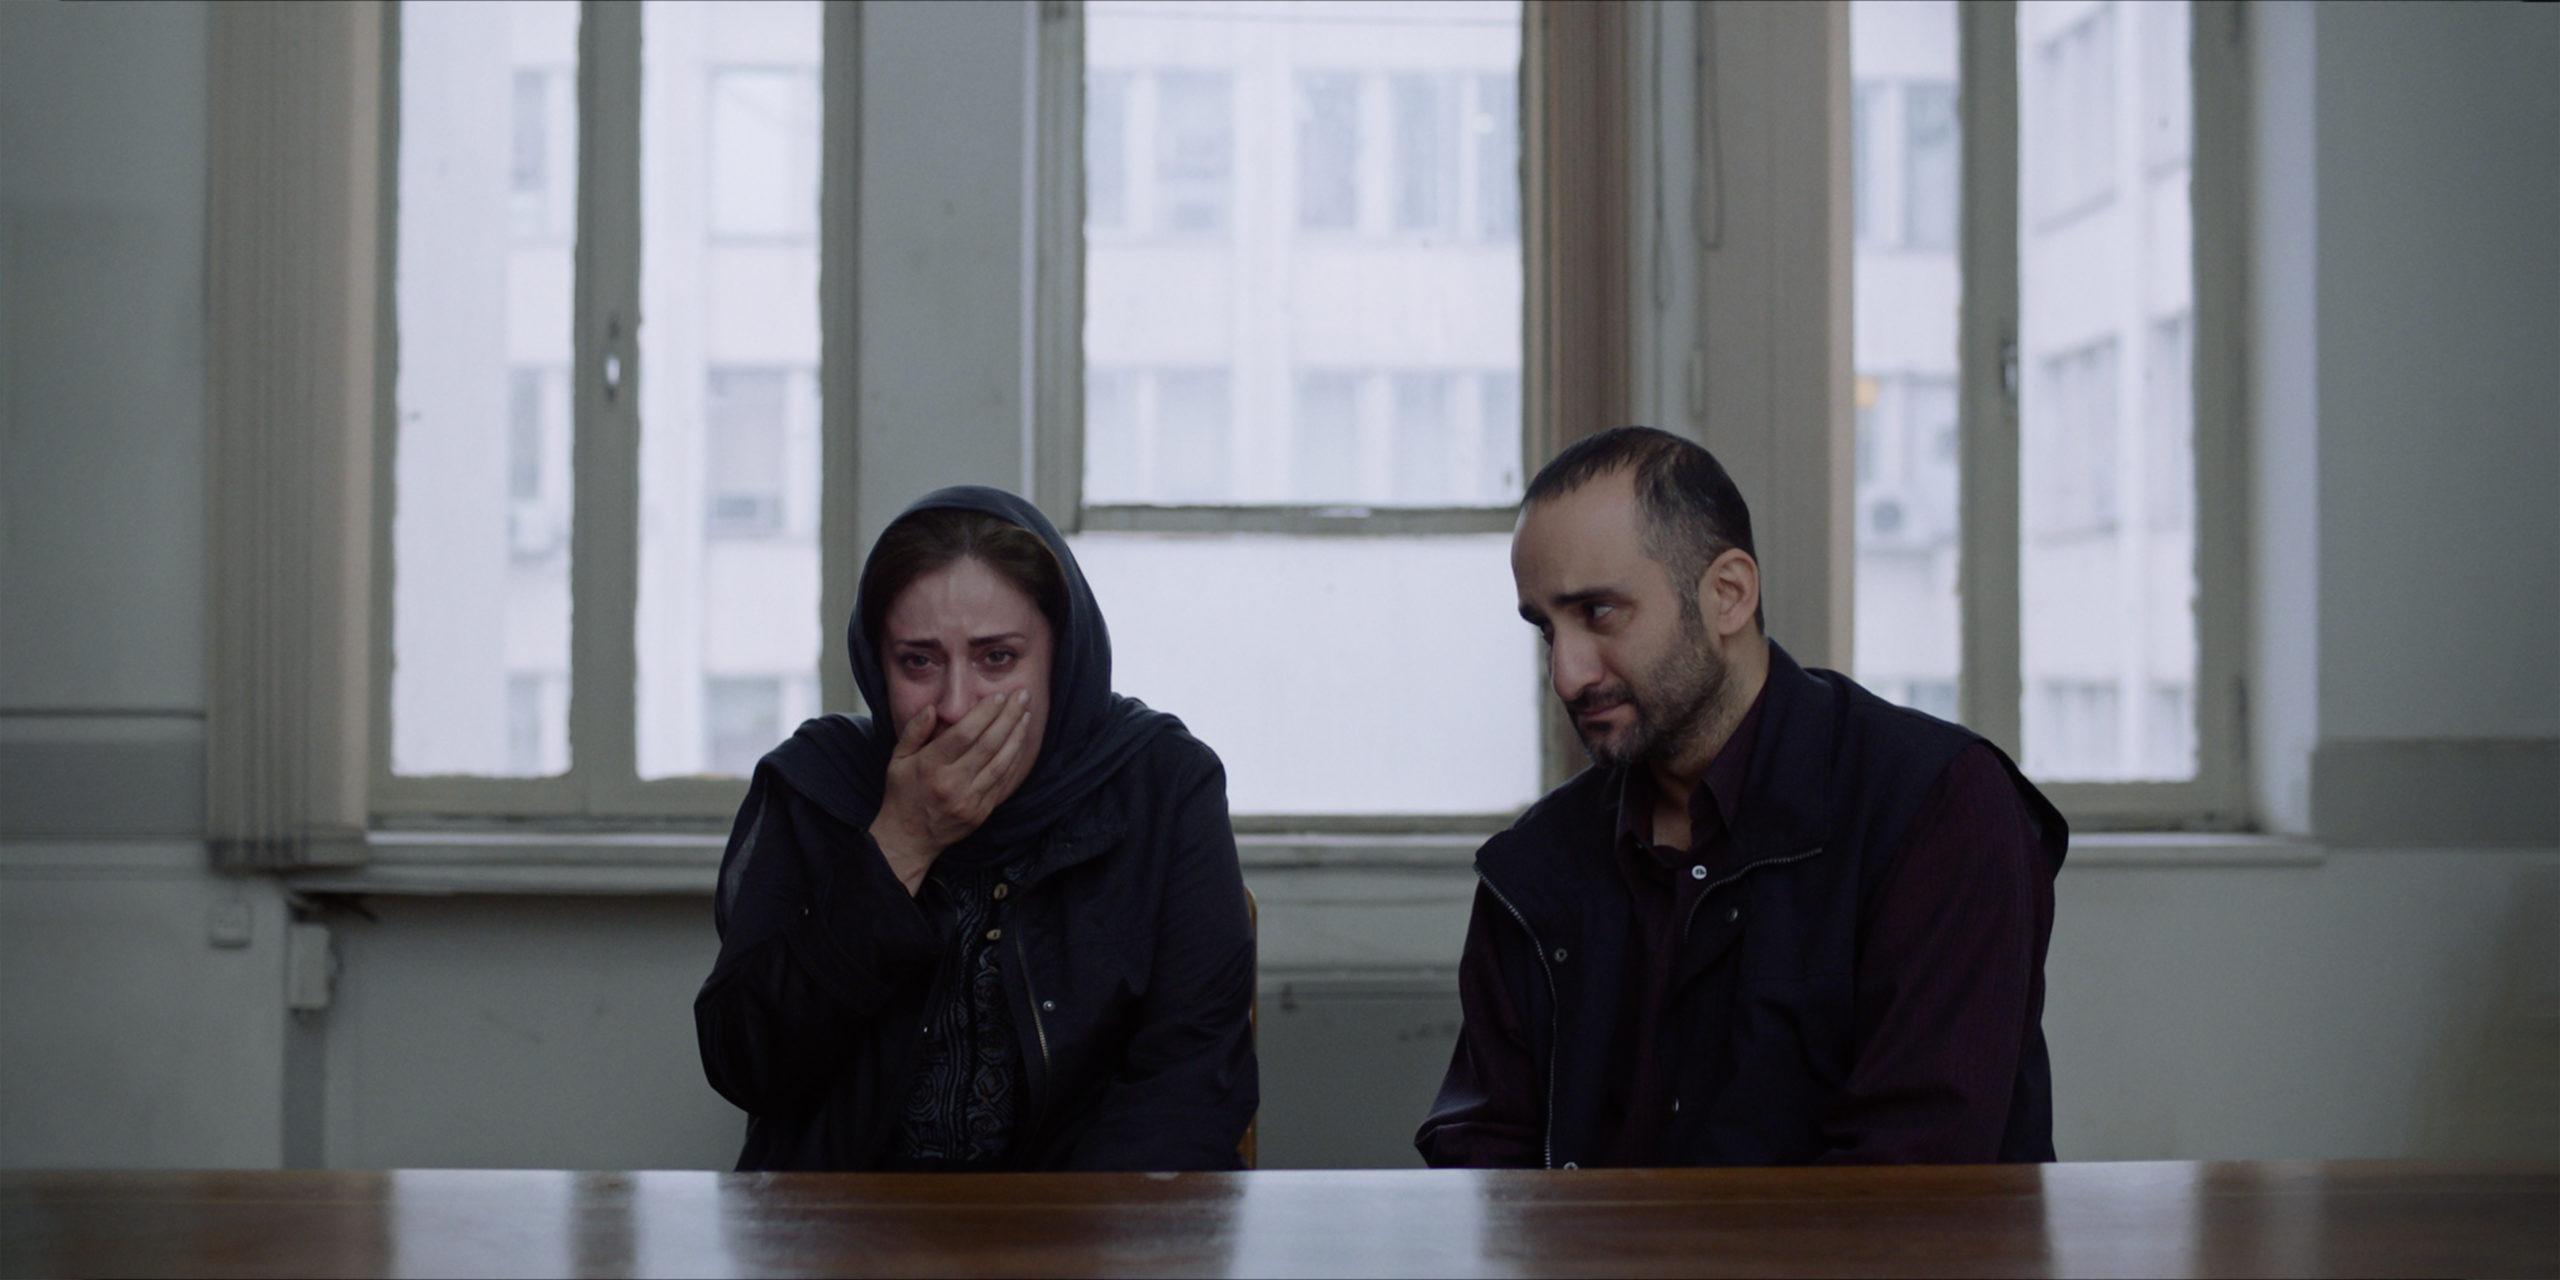 Ko-Regisseurin und Schauspielerin Maryam Moghaddams energische Präsenz ist preisverdächtig. Foto: Amin Jafari